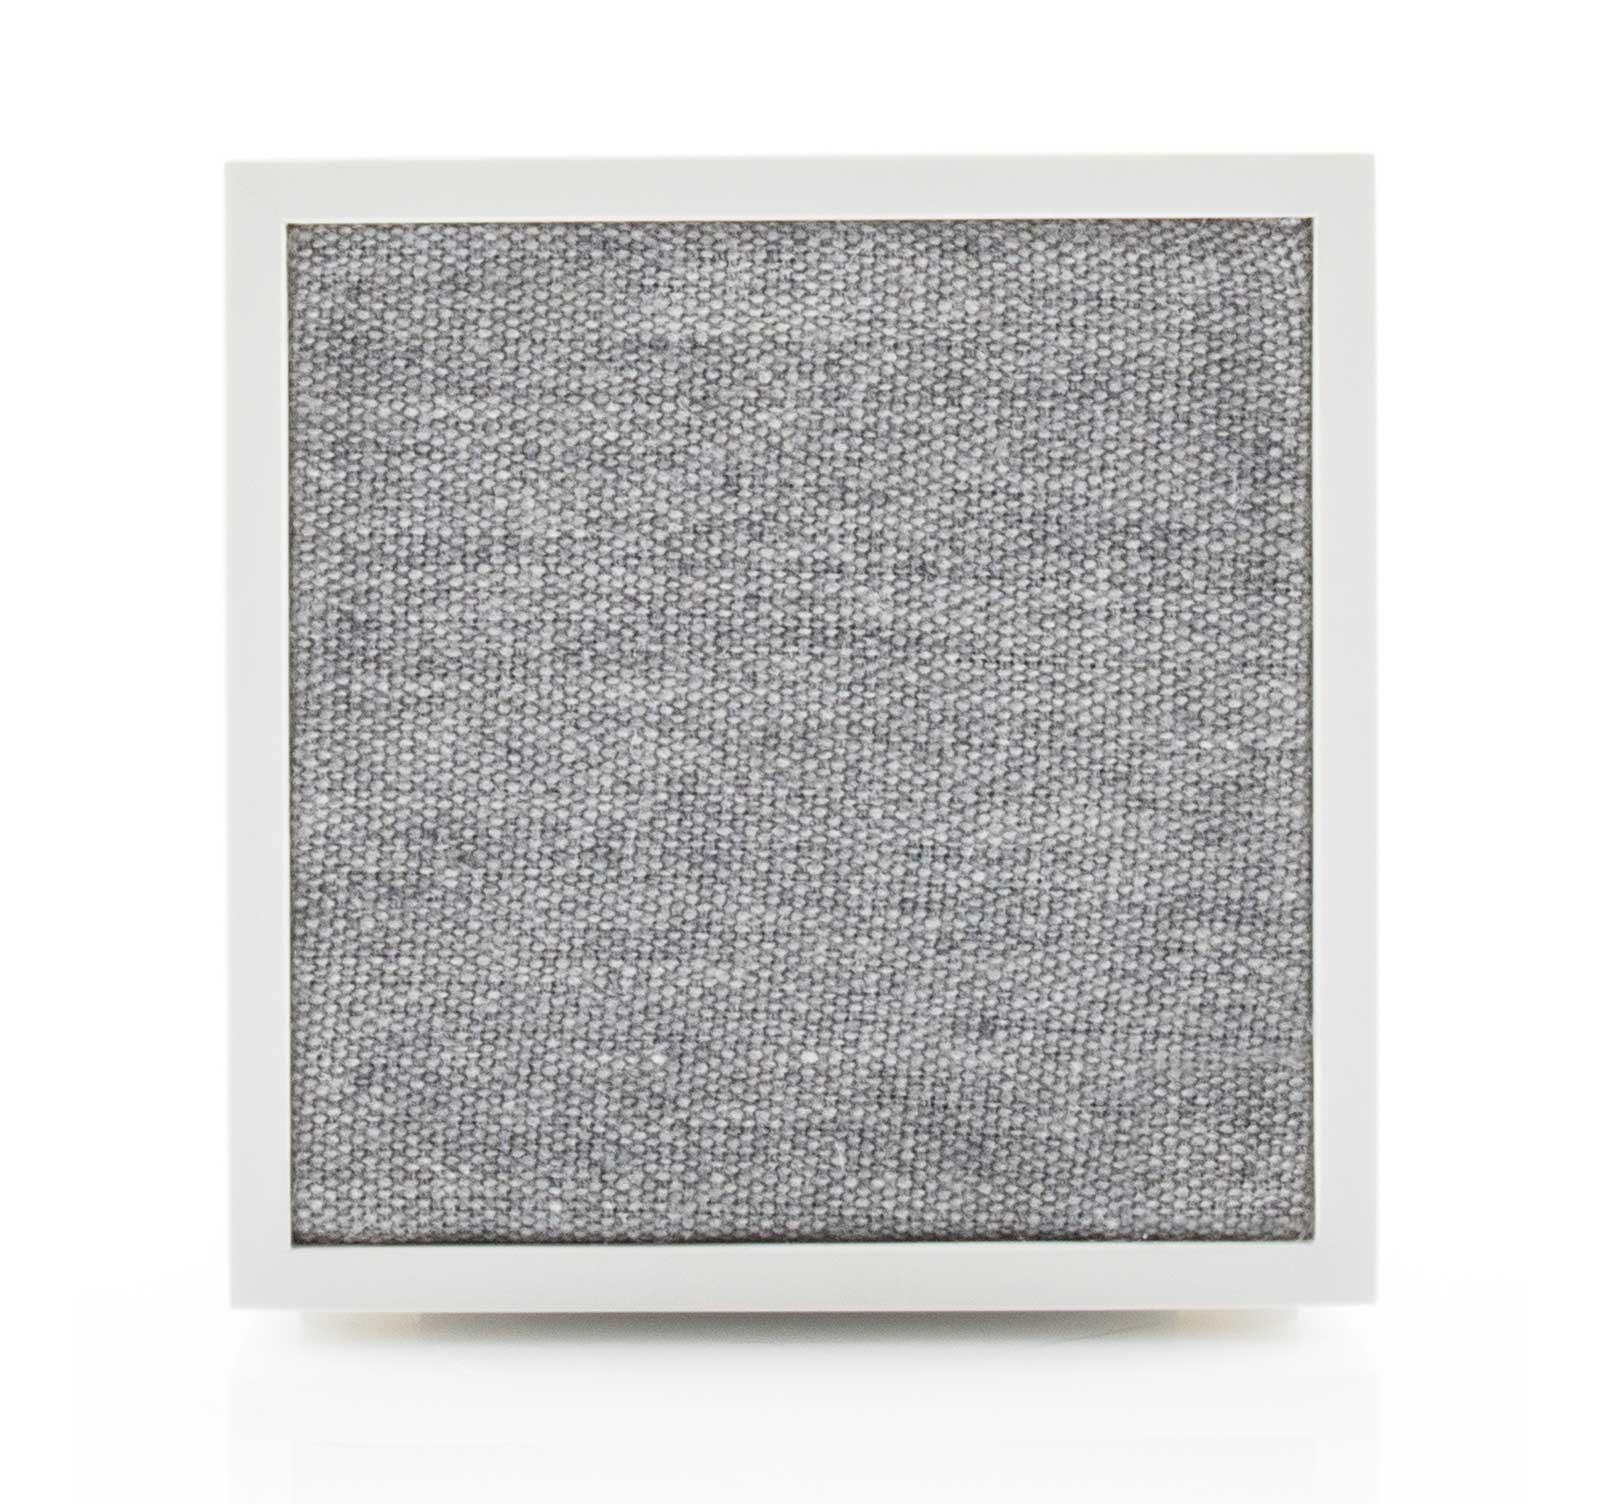 Tivoli CUBE White Gray Wireless Speaker by Tivoli